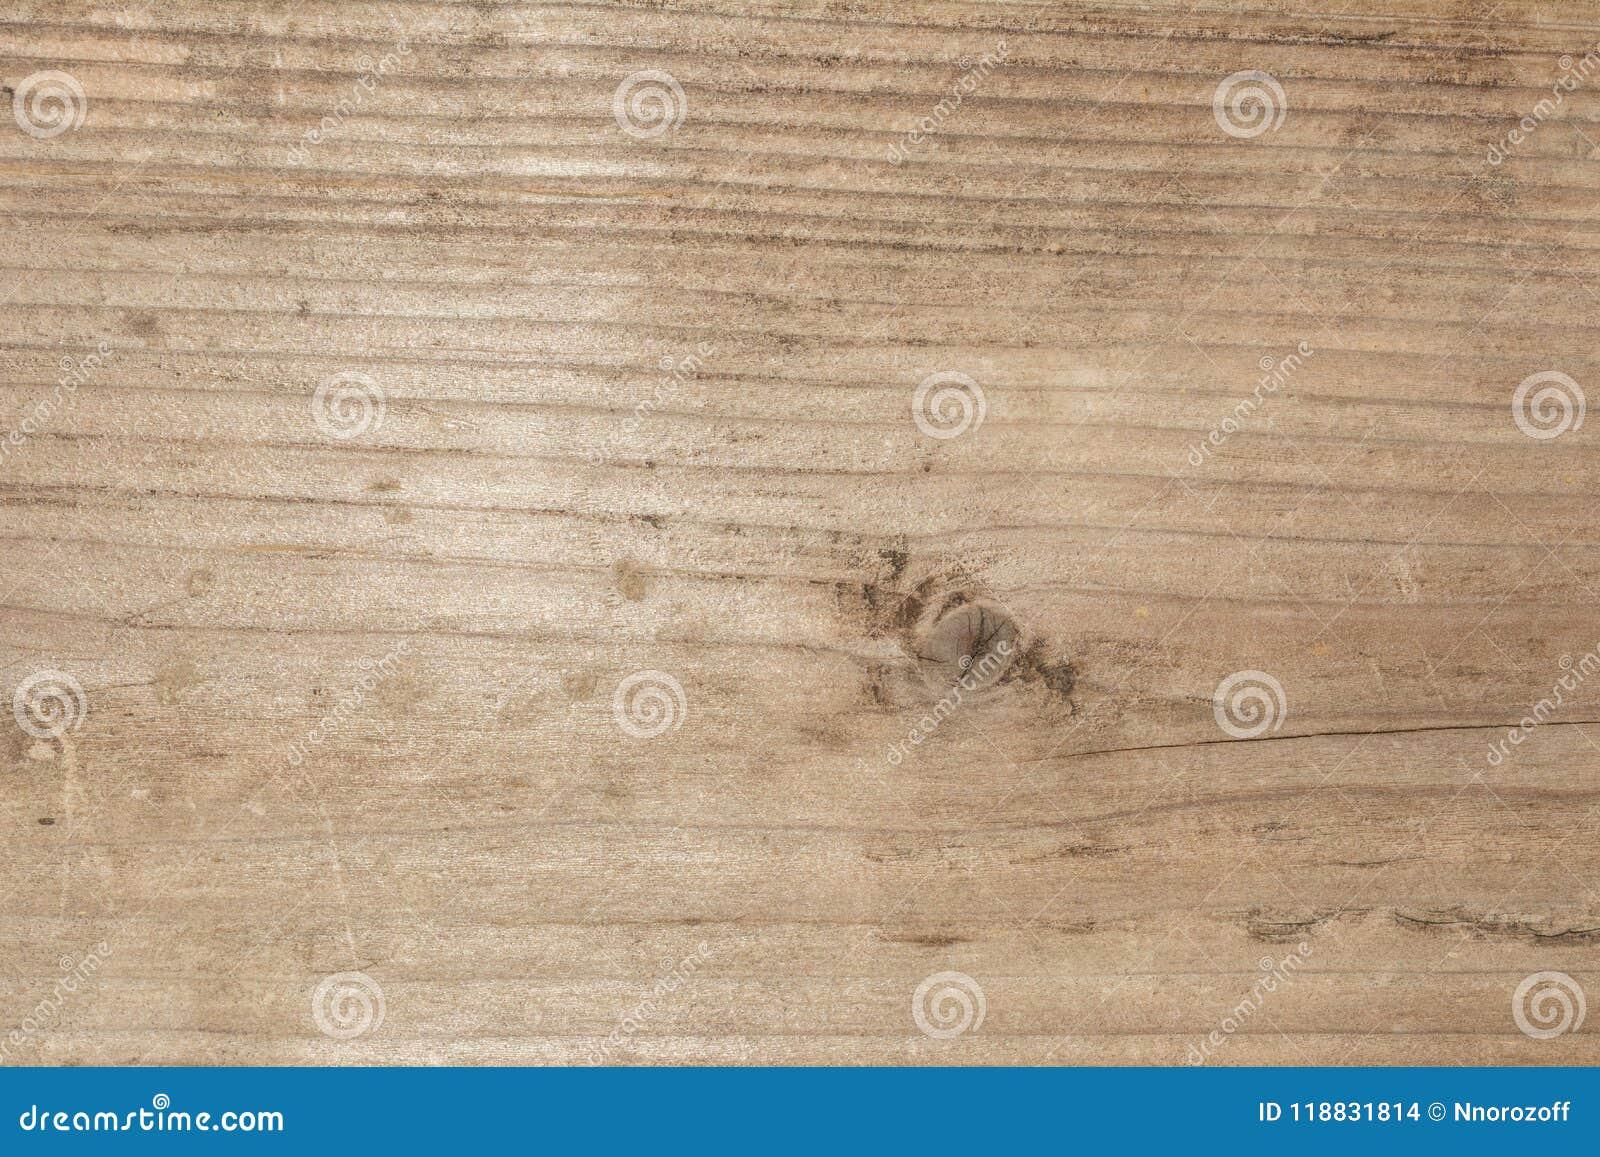 Textura da árvore velha com quebras longitudinais, superfície da madeira resistida antiga, fundo abstrato